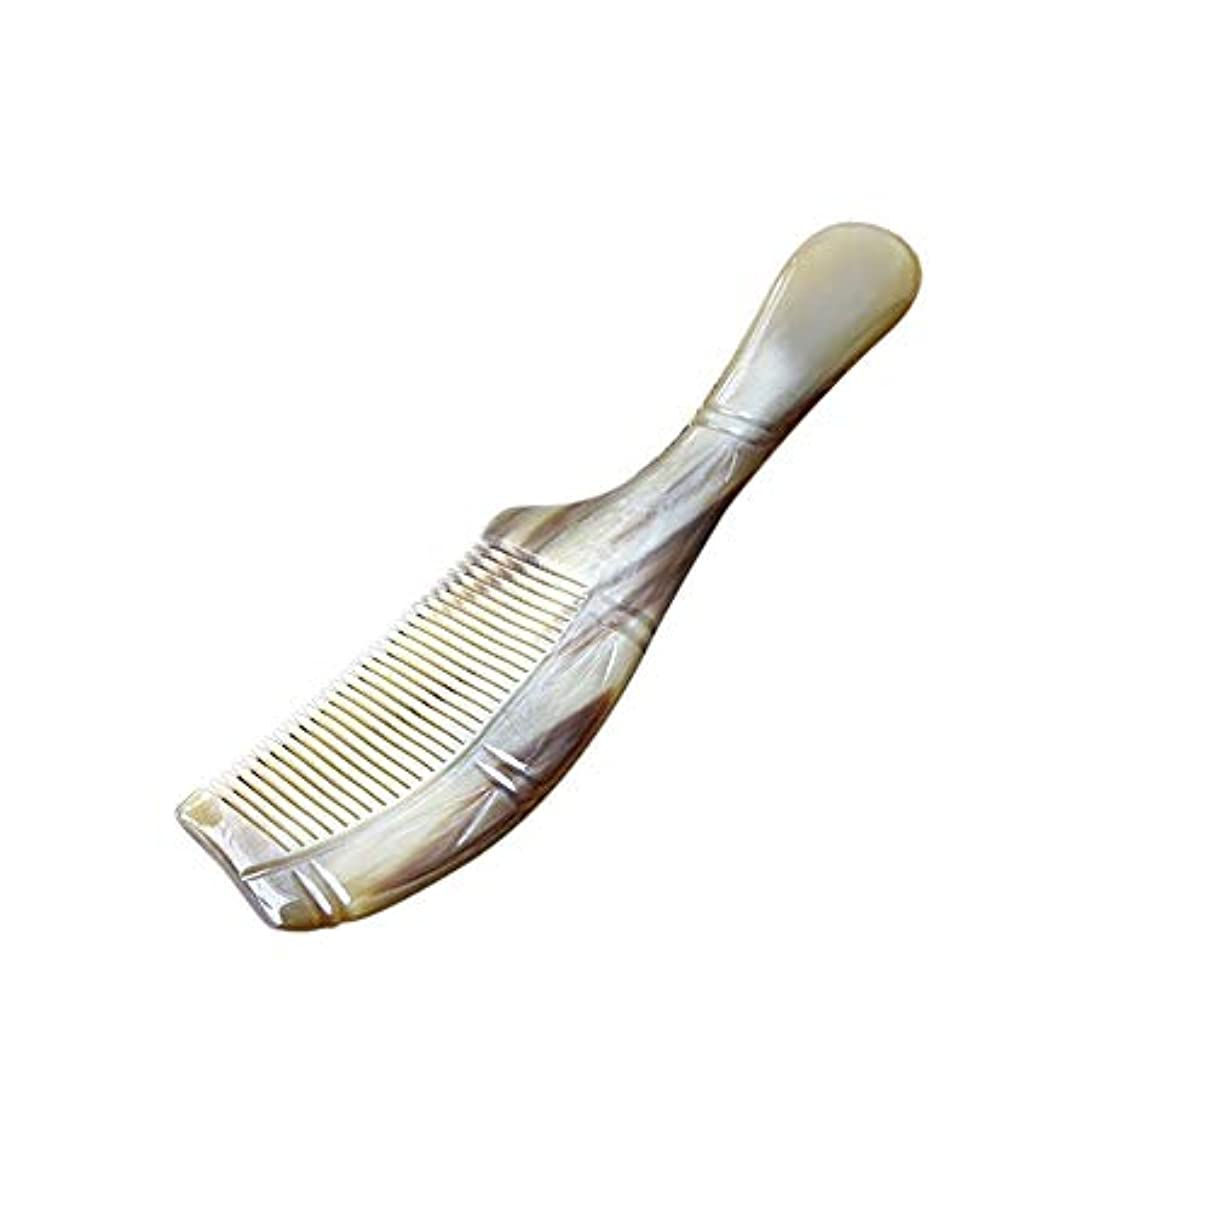 変動する静かに必要ないFashian絶妙彫刻バッファローホーンくし、ナチュラル木製くし大マッサージヘアブラシ ヘアケア